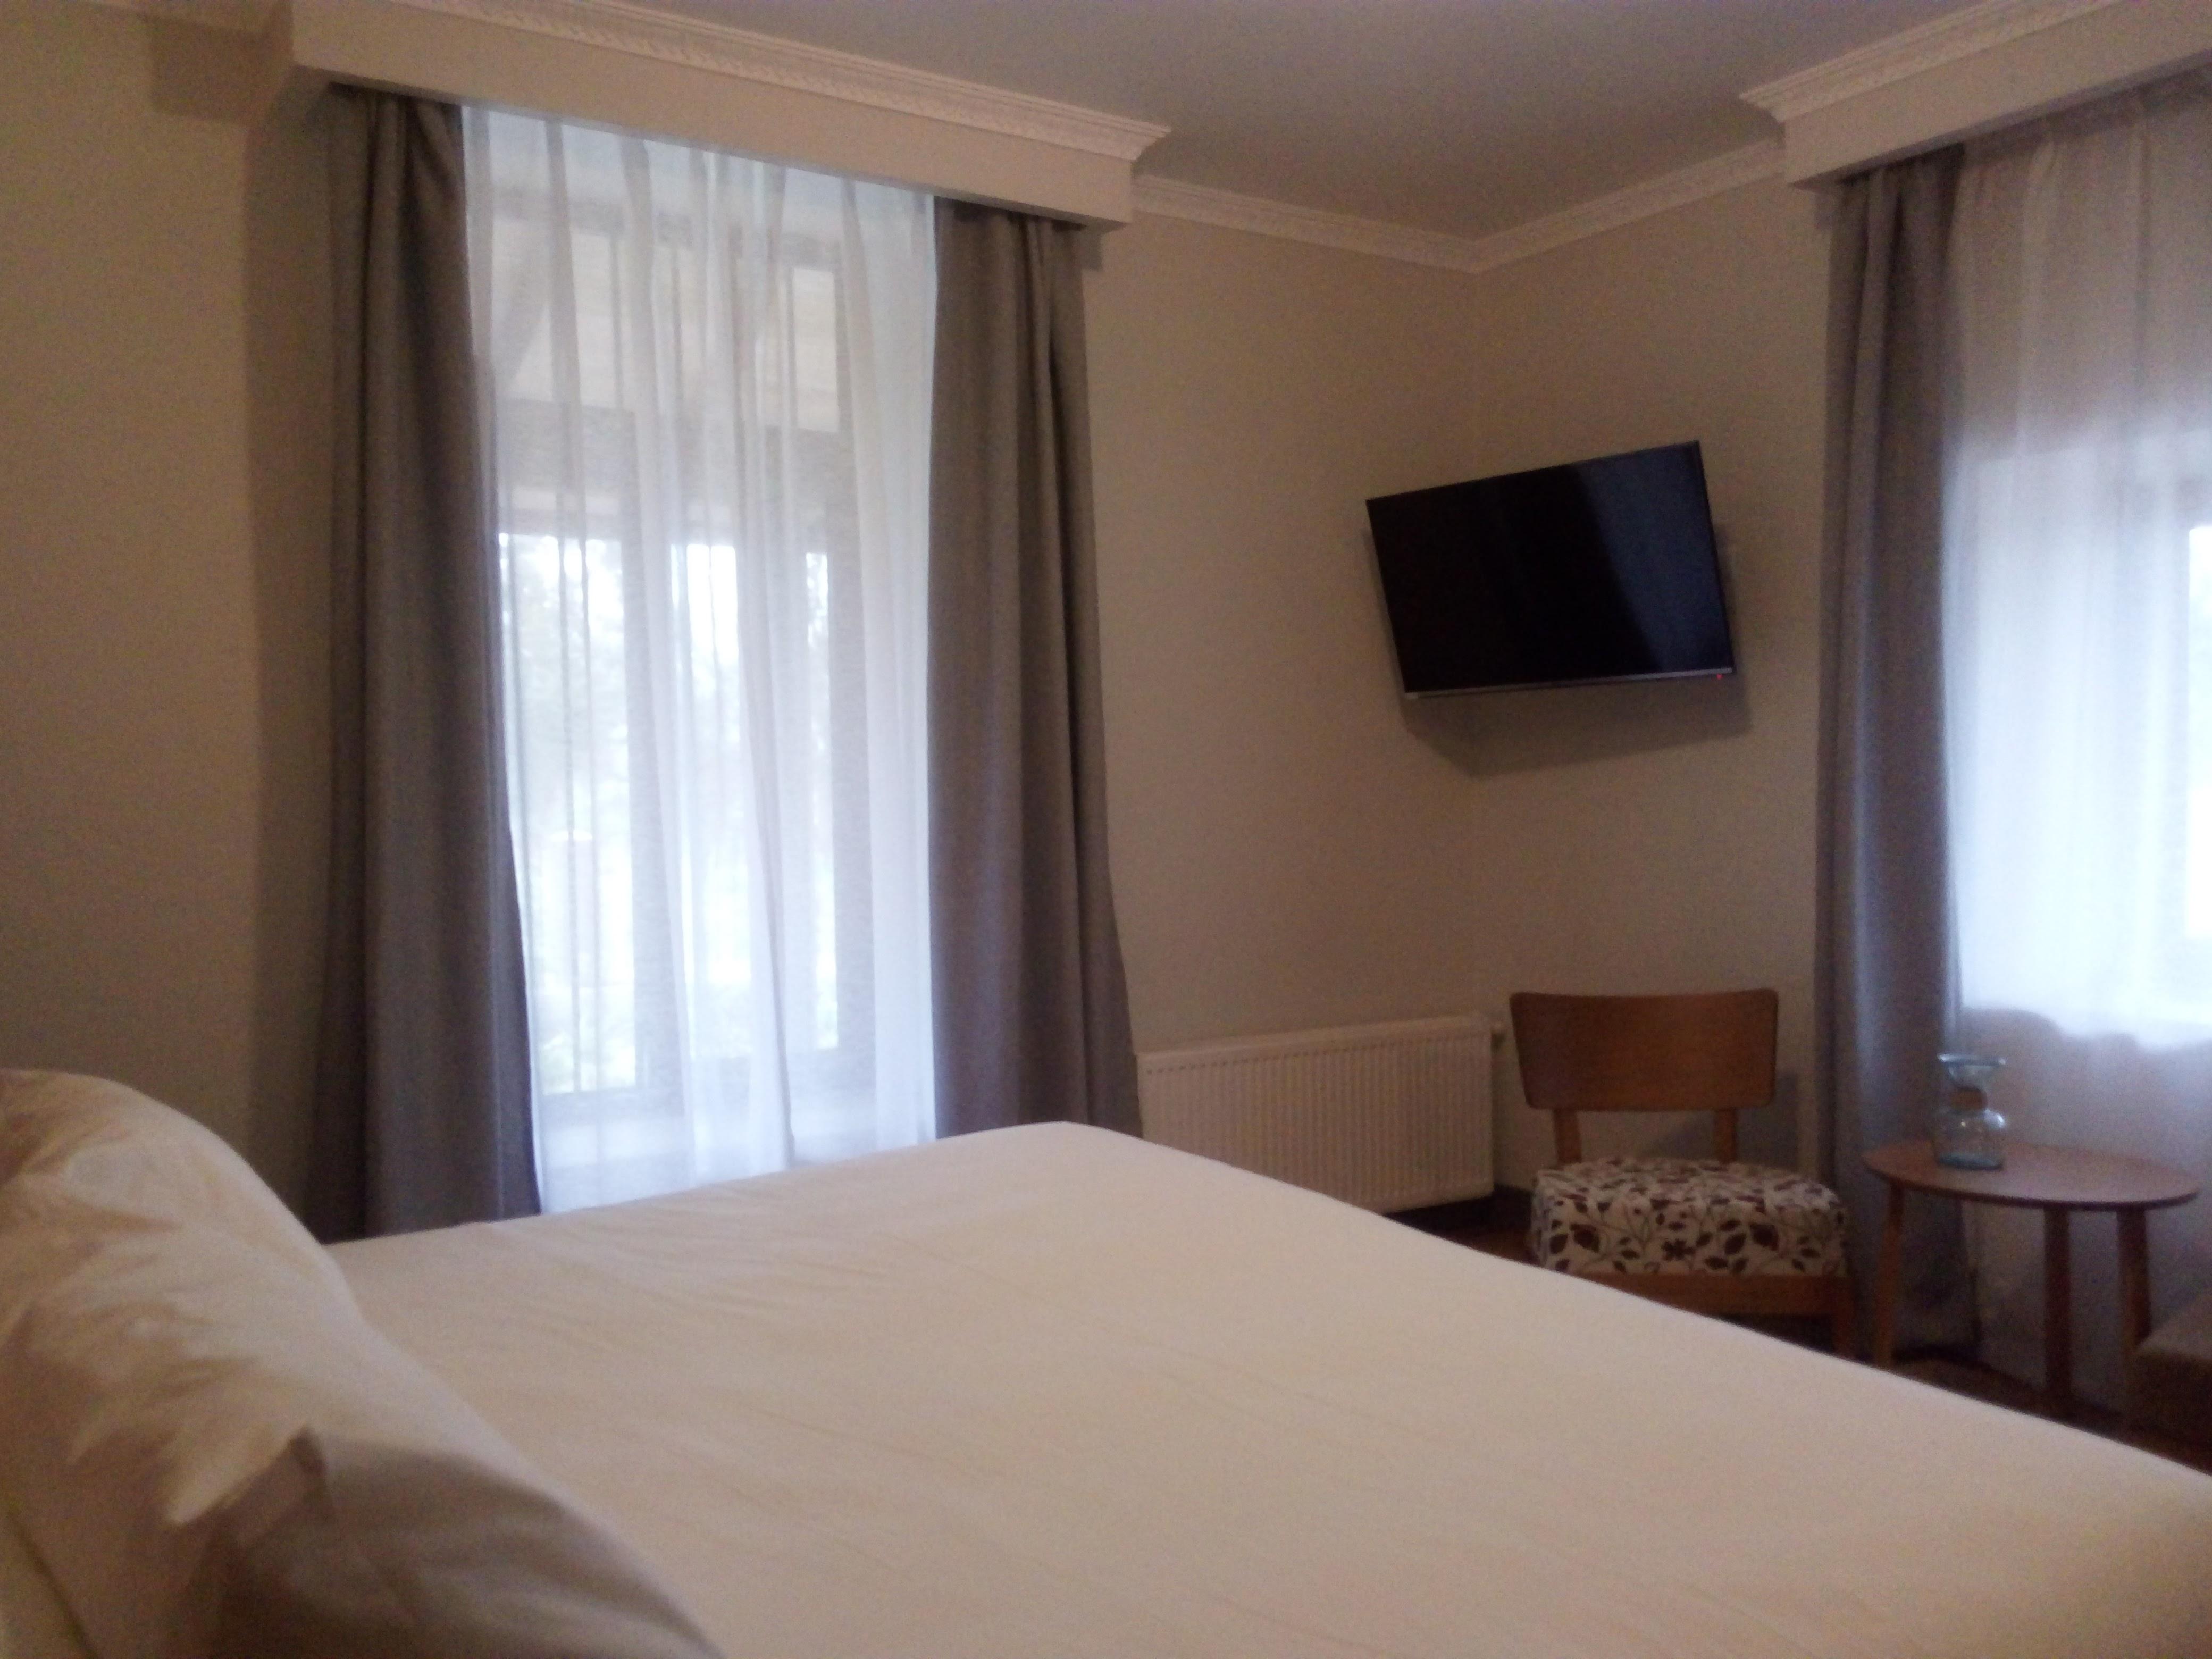 HOTEL CASABLANCA BCW-HABITACION 4